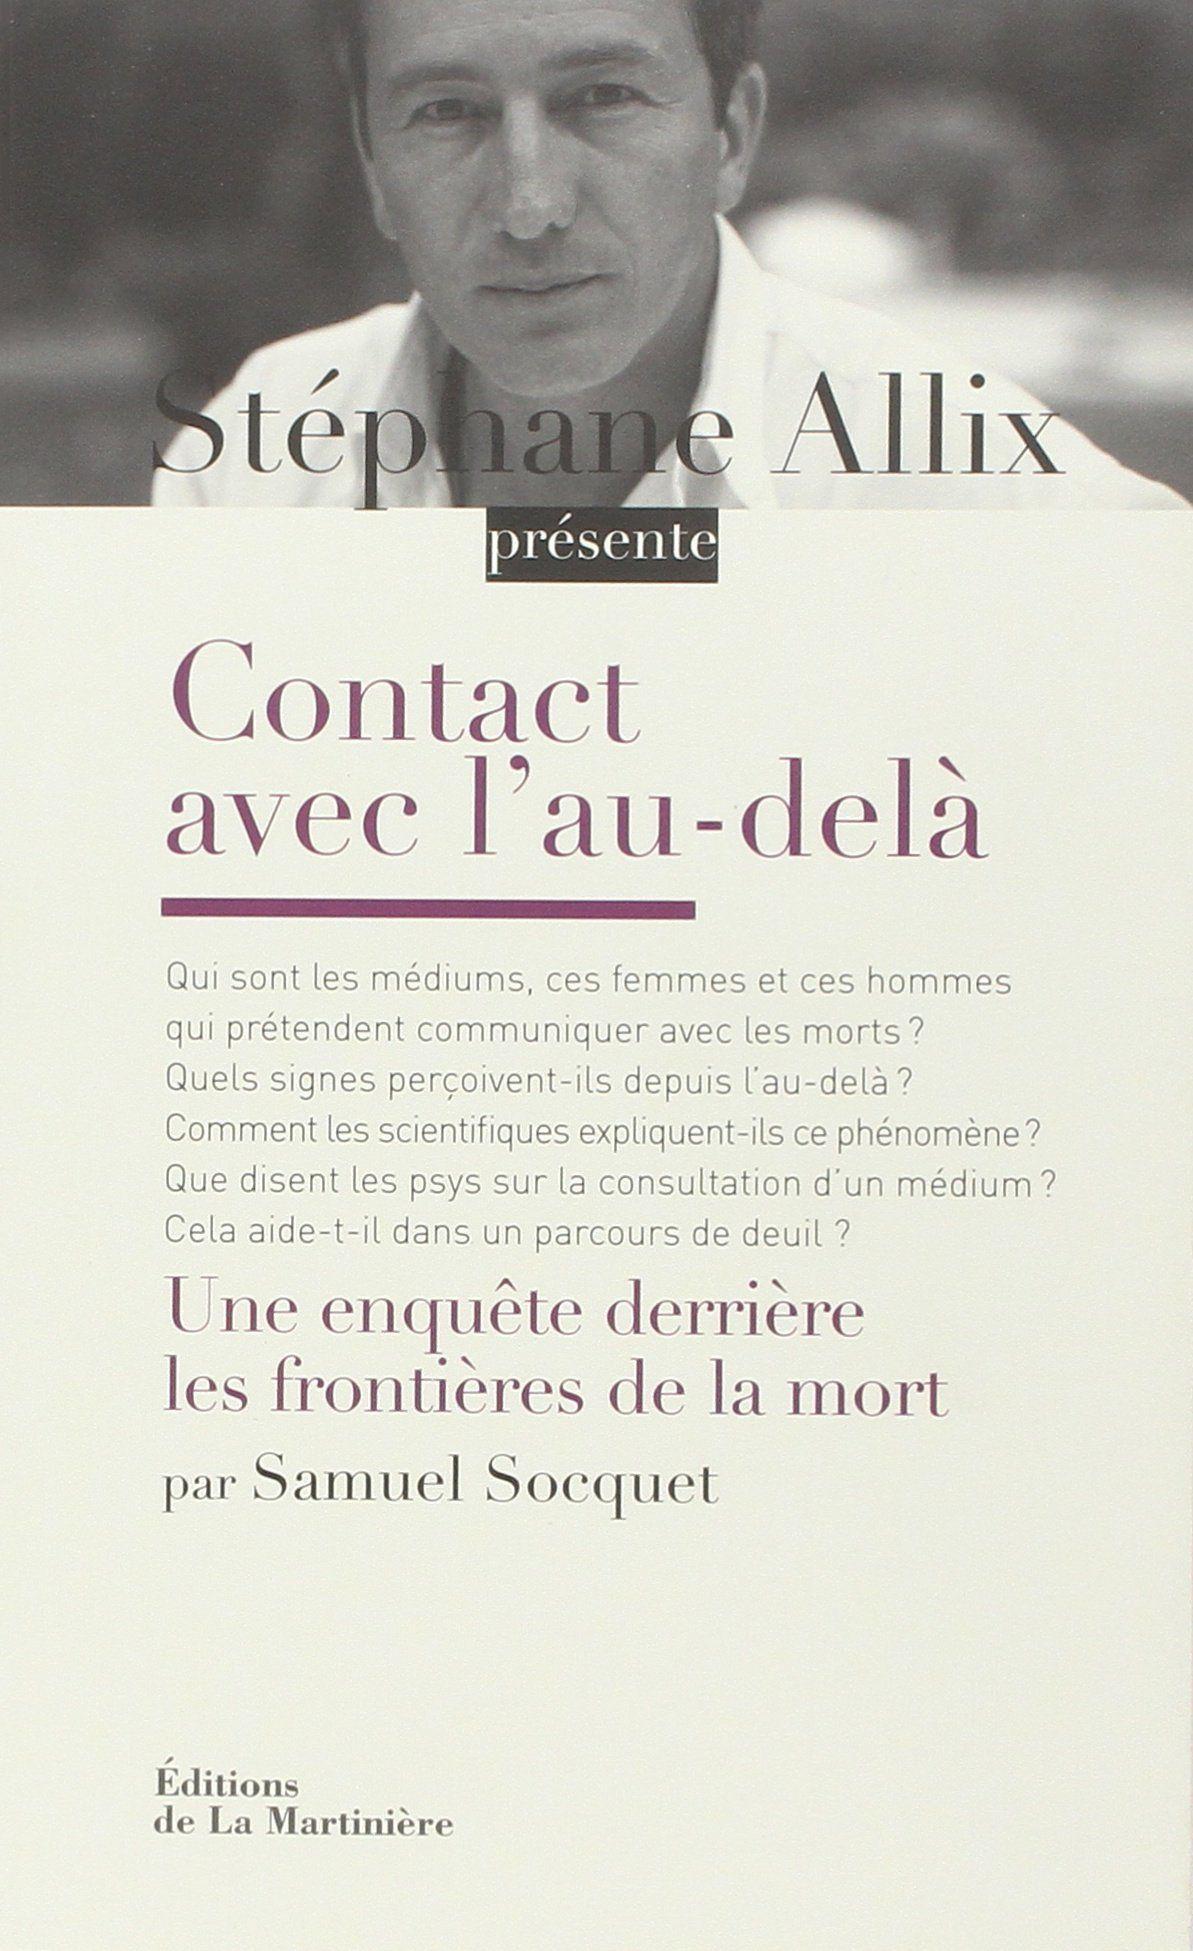 Amazon.fr - Contact avec l'au-delà : Enquête derrière les frontières de la mort - Stéphane Allix, Samuel Socquet - Livres